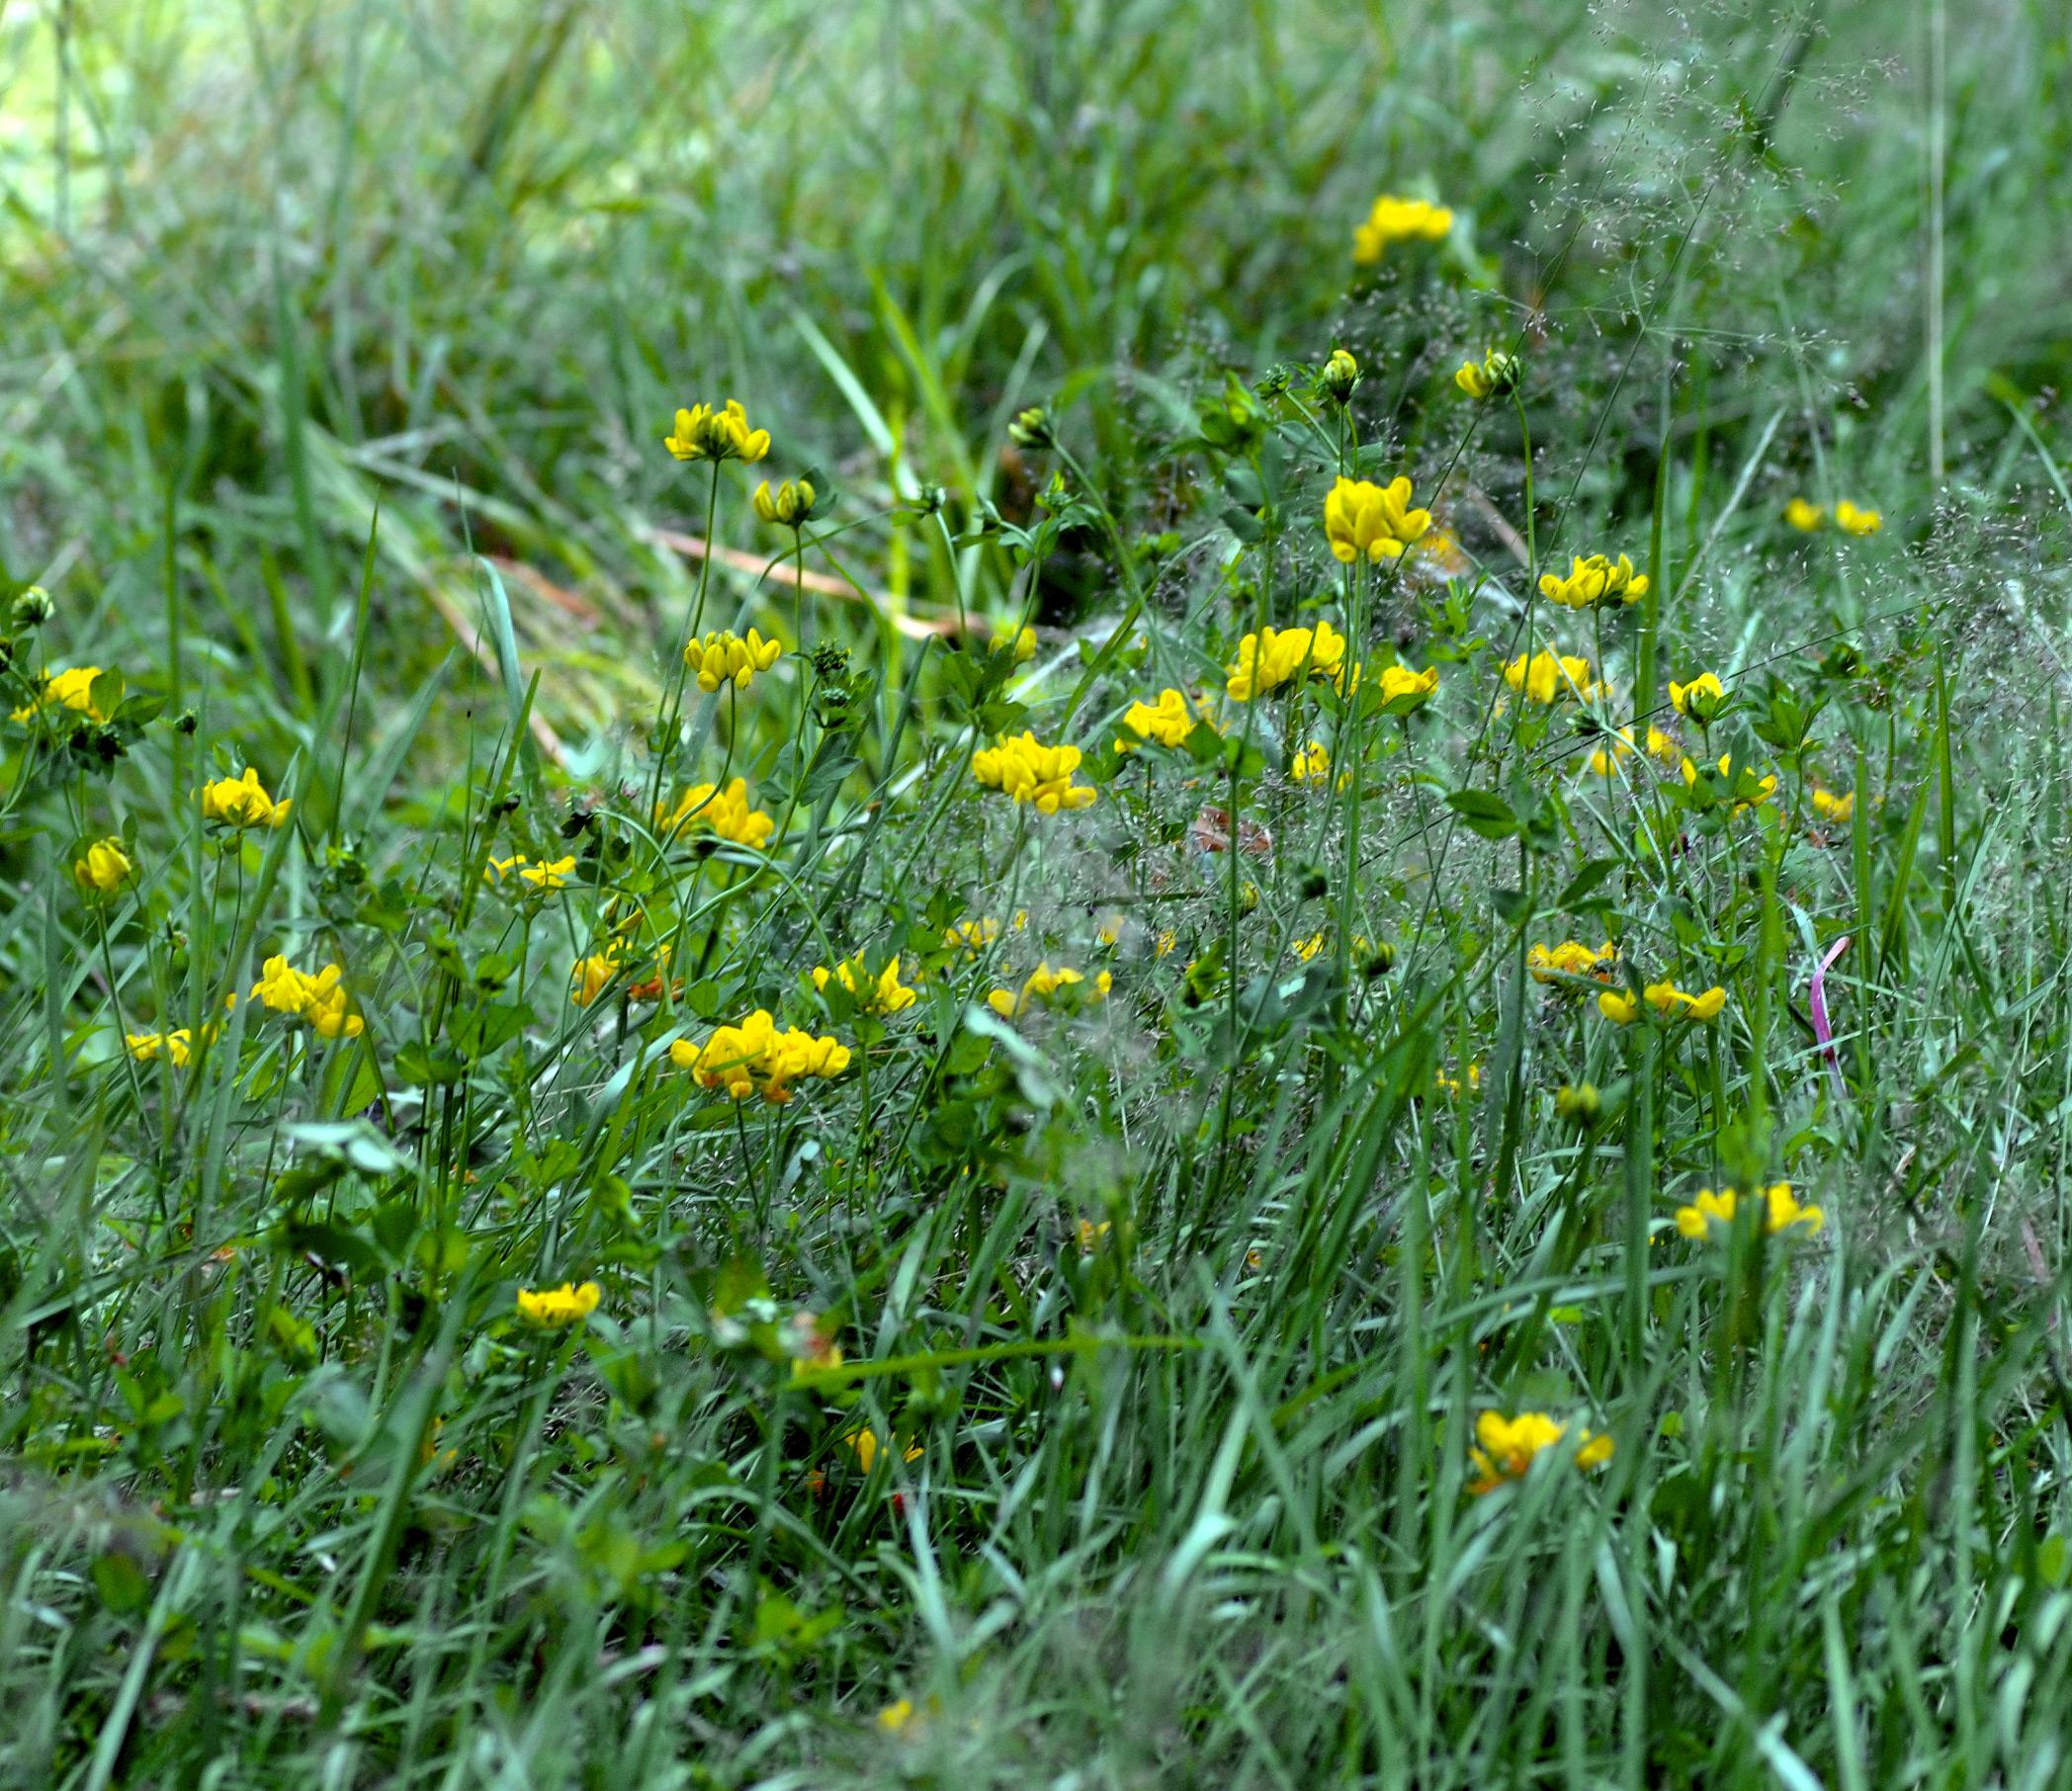 Dataja:lotus pedunculatus - many plants (aka)